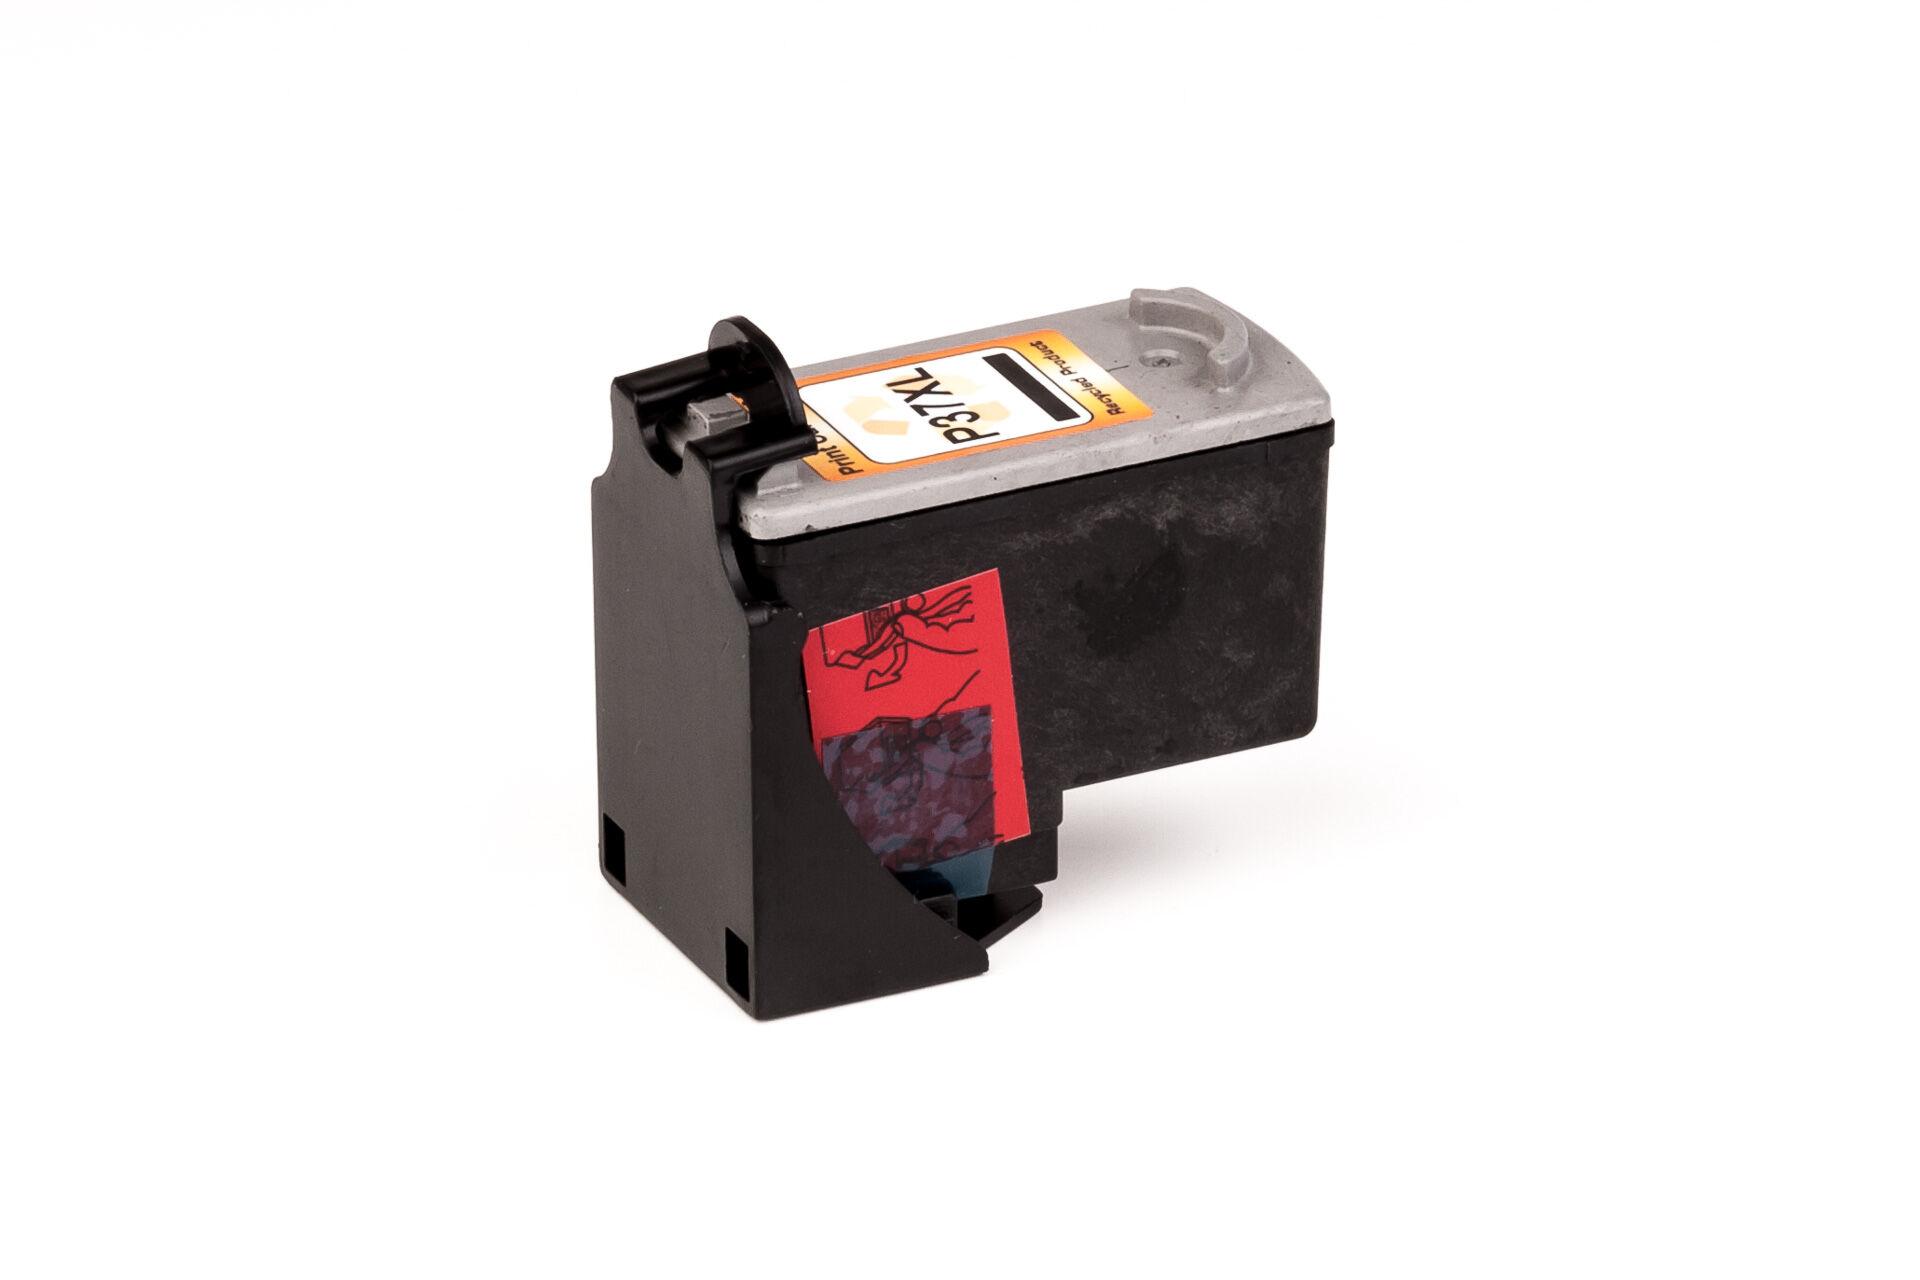 Canon Cartouche d'encre pour Canon 2145B001 / PG-37 noir compatible (de marque ASC)